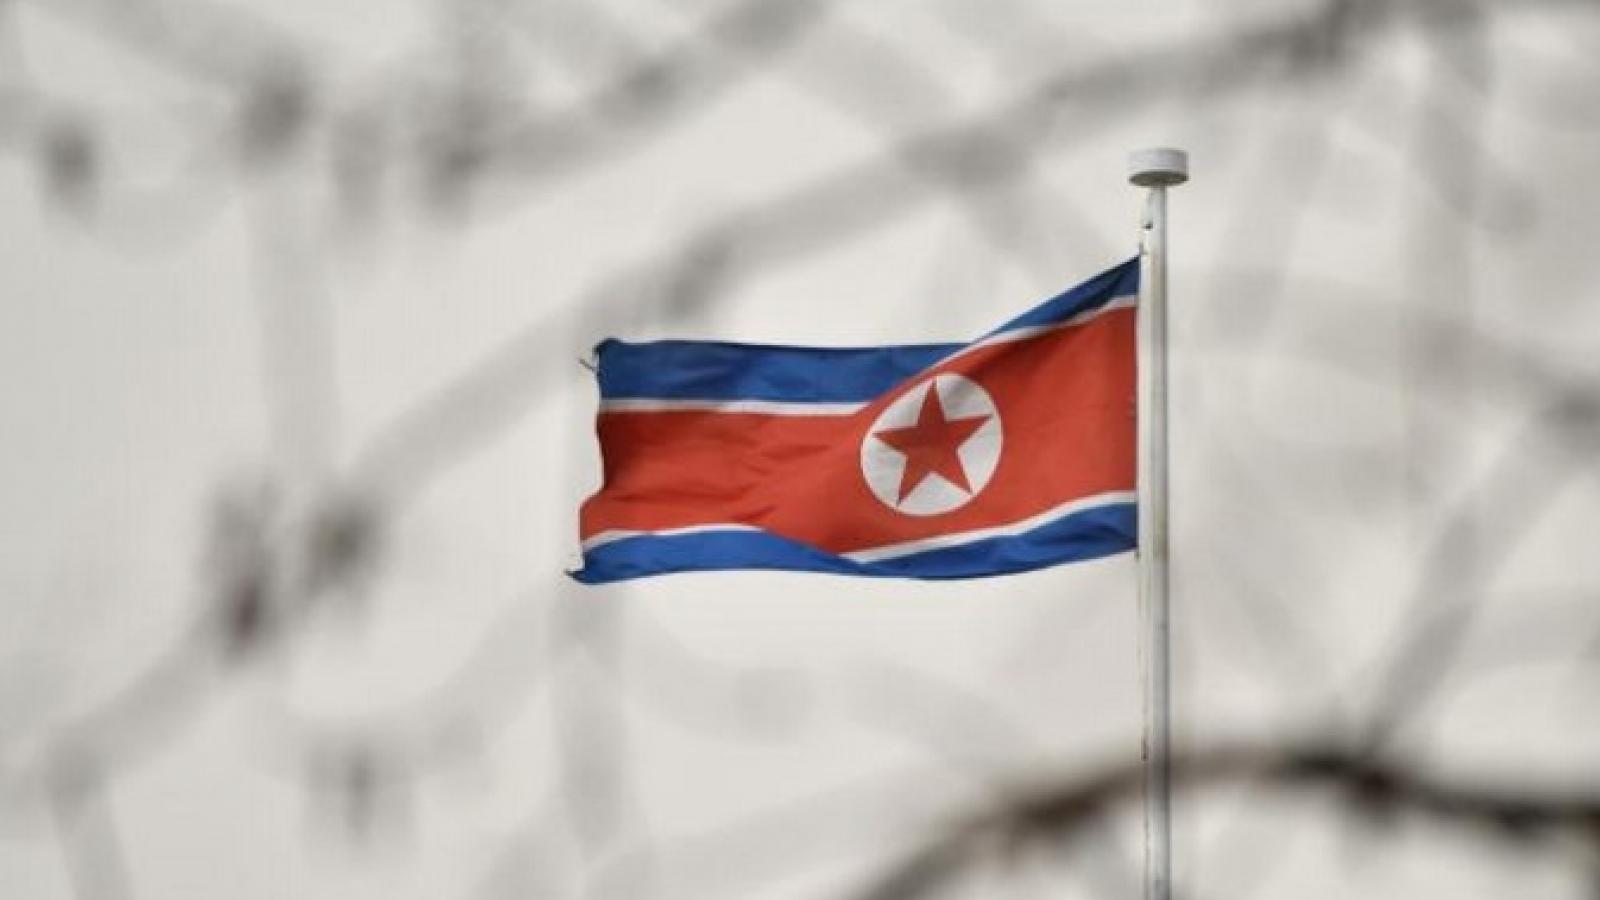 Triều Tiên sẽ gửi thông điệp cứng rắn tới Tổng thống Mỹ Biden bằng cách thử vũ khí?